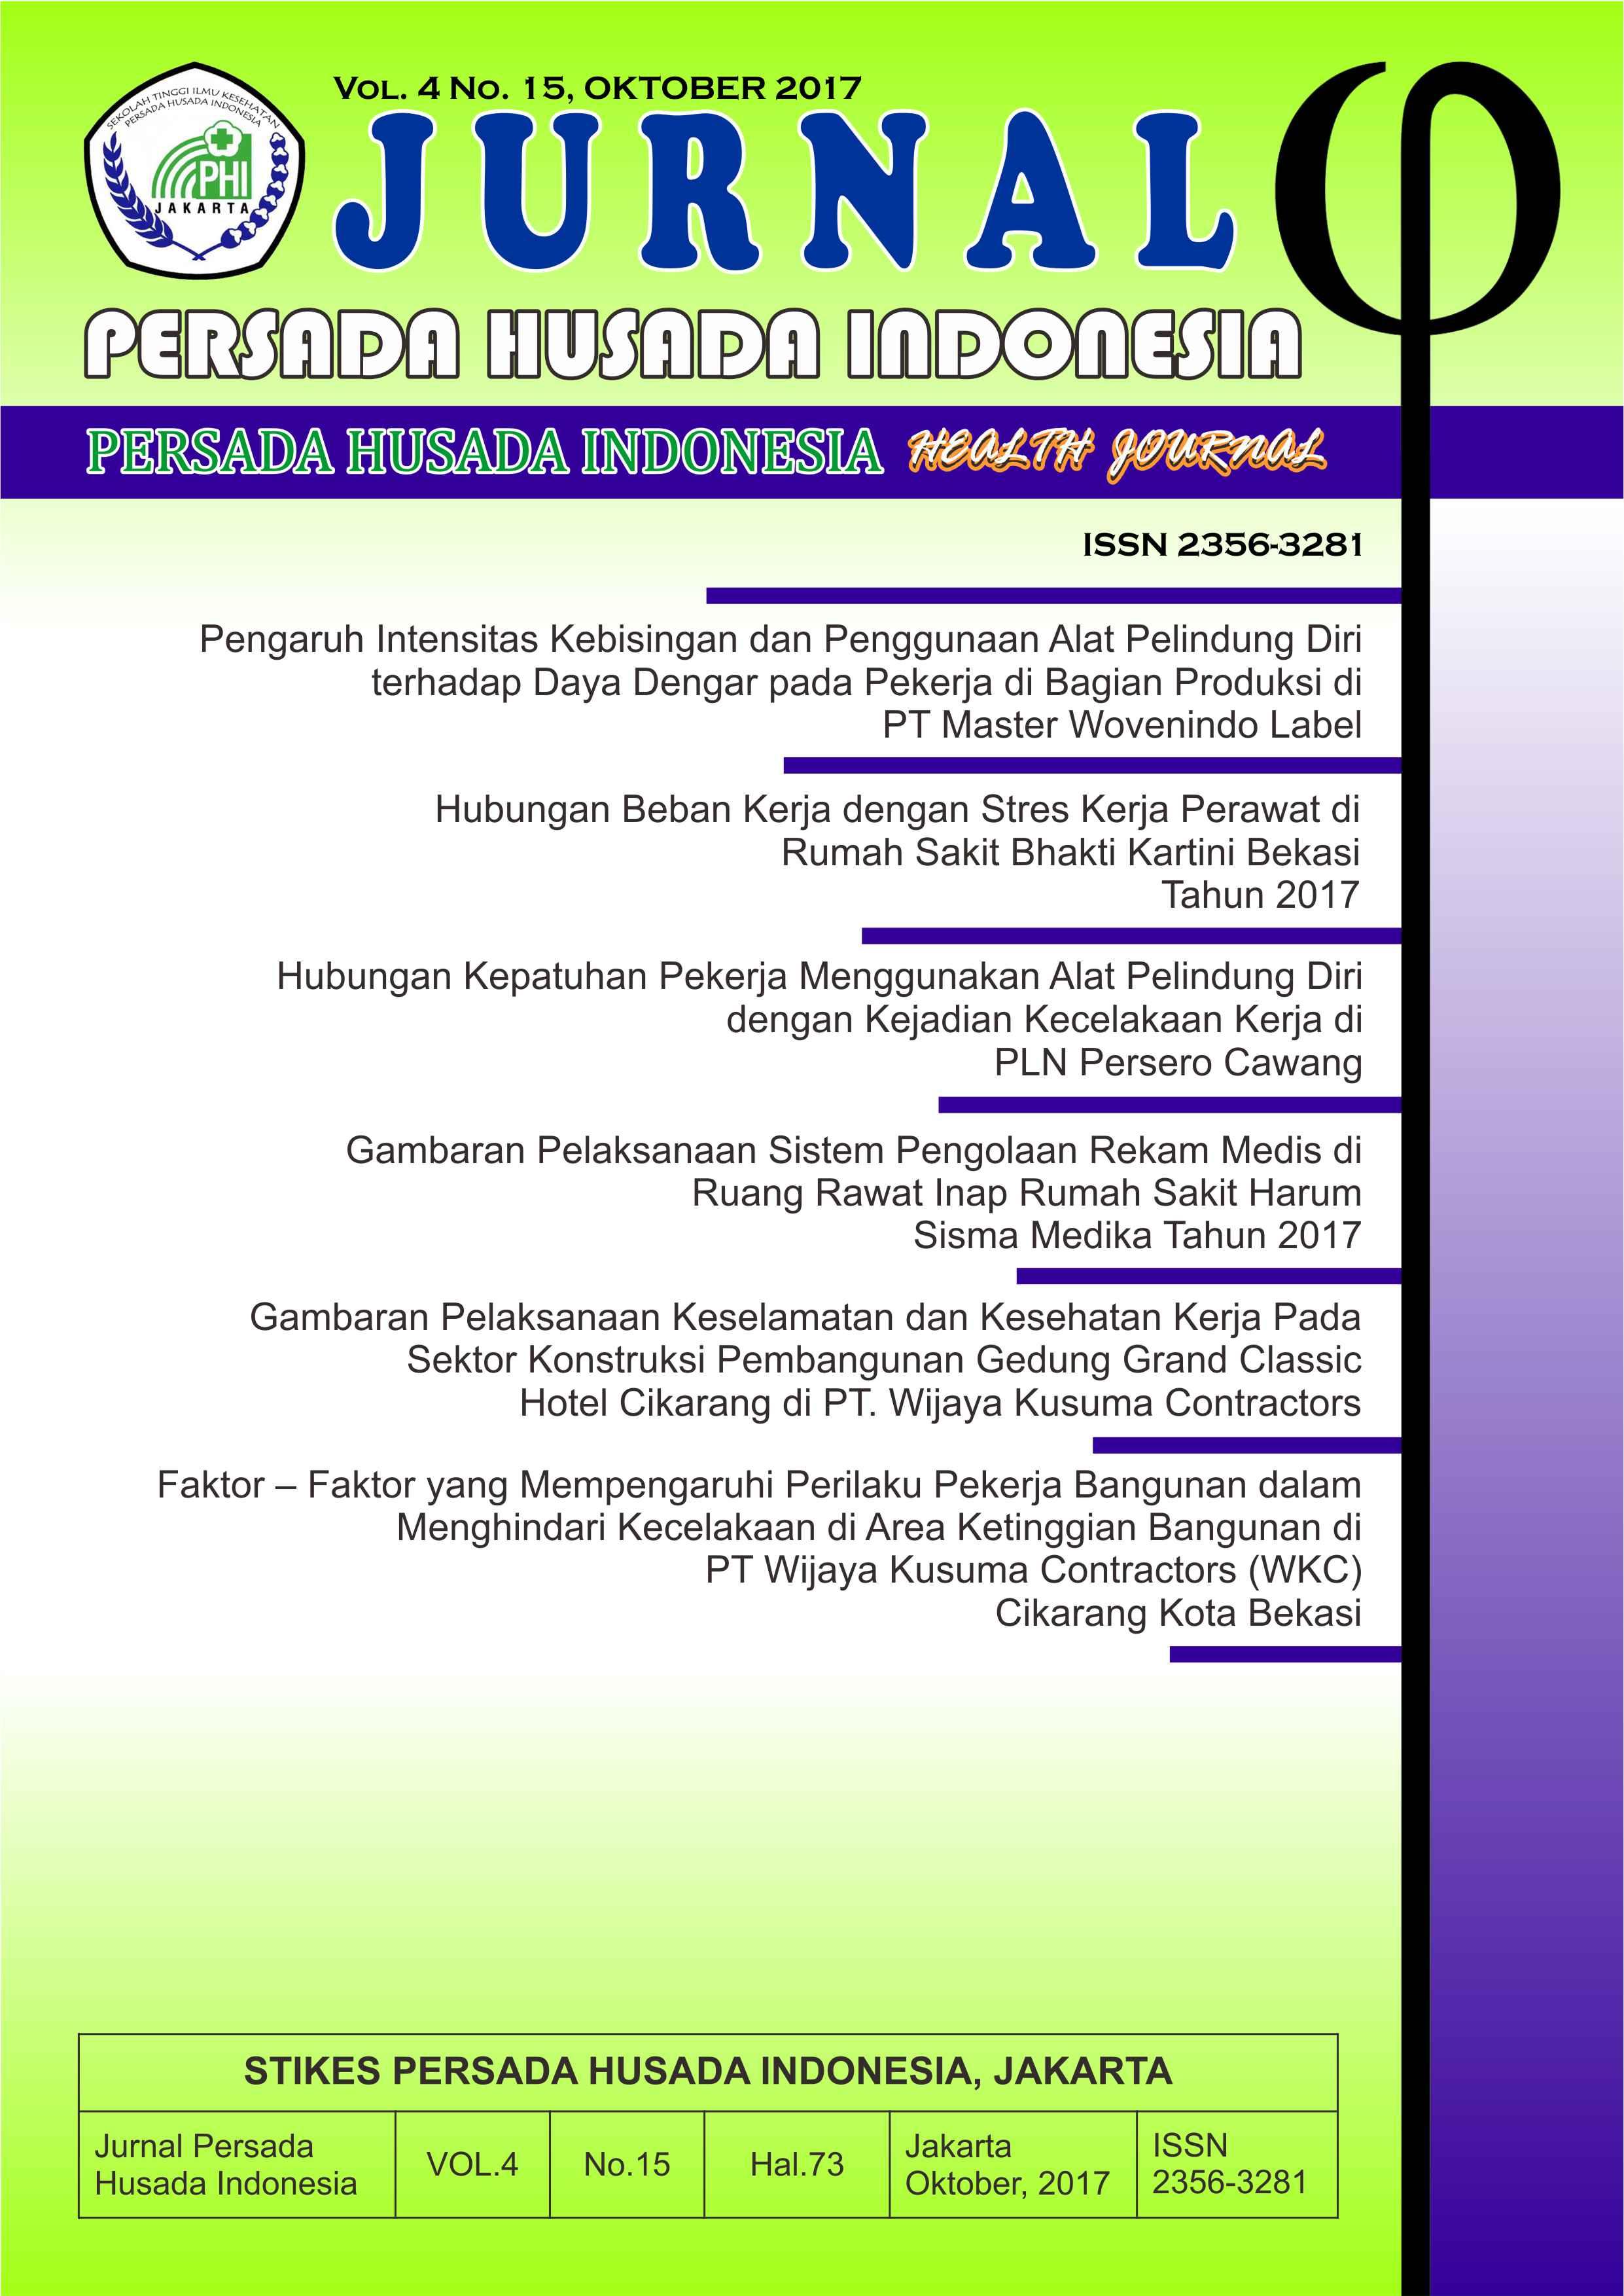 Cover Vol 4 No 15 (Oktober 2016)